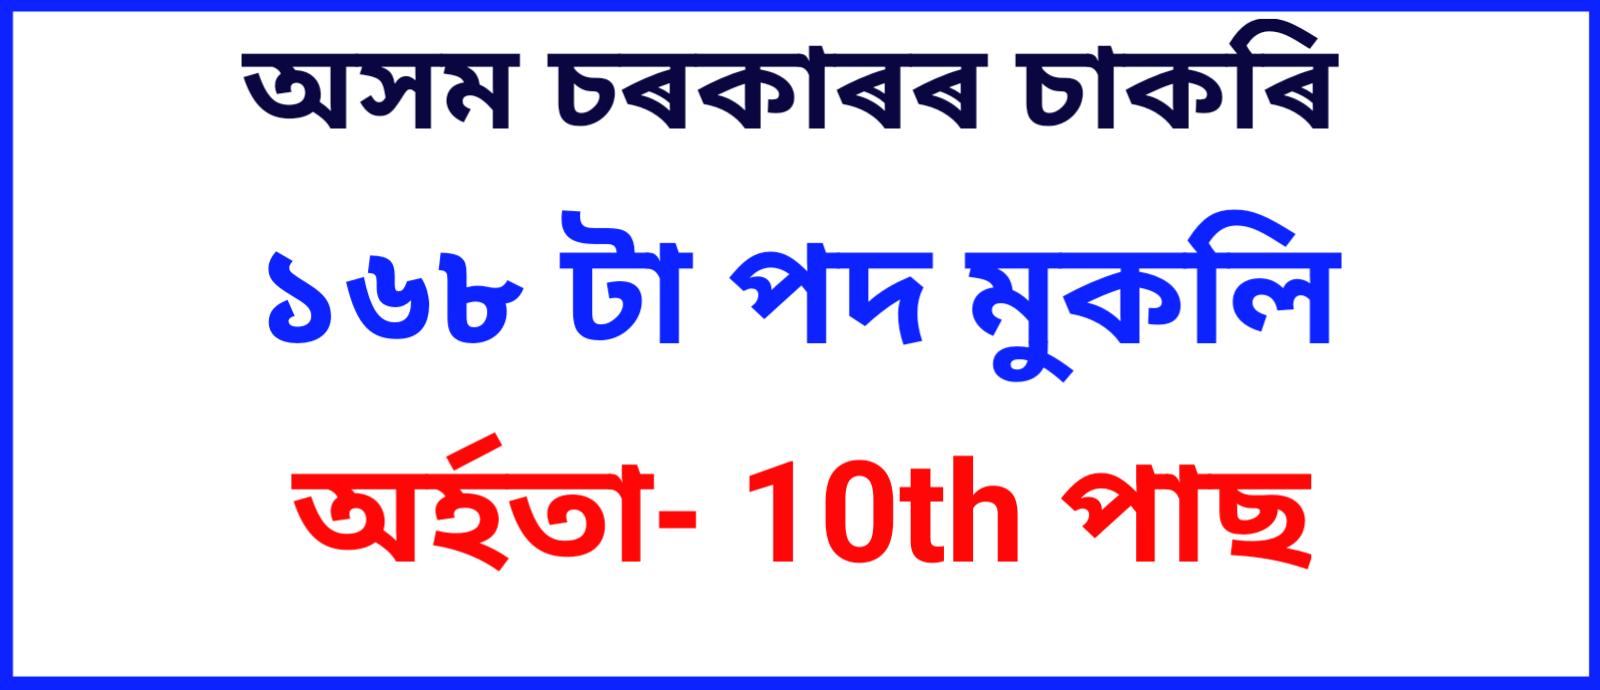 Hailakandi Recruitment 2021 – 168 Gaon Pradhan Vacancy